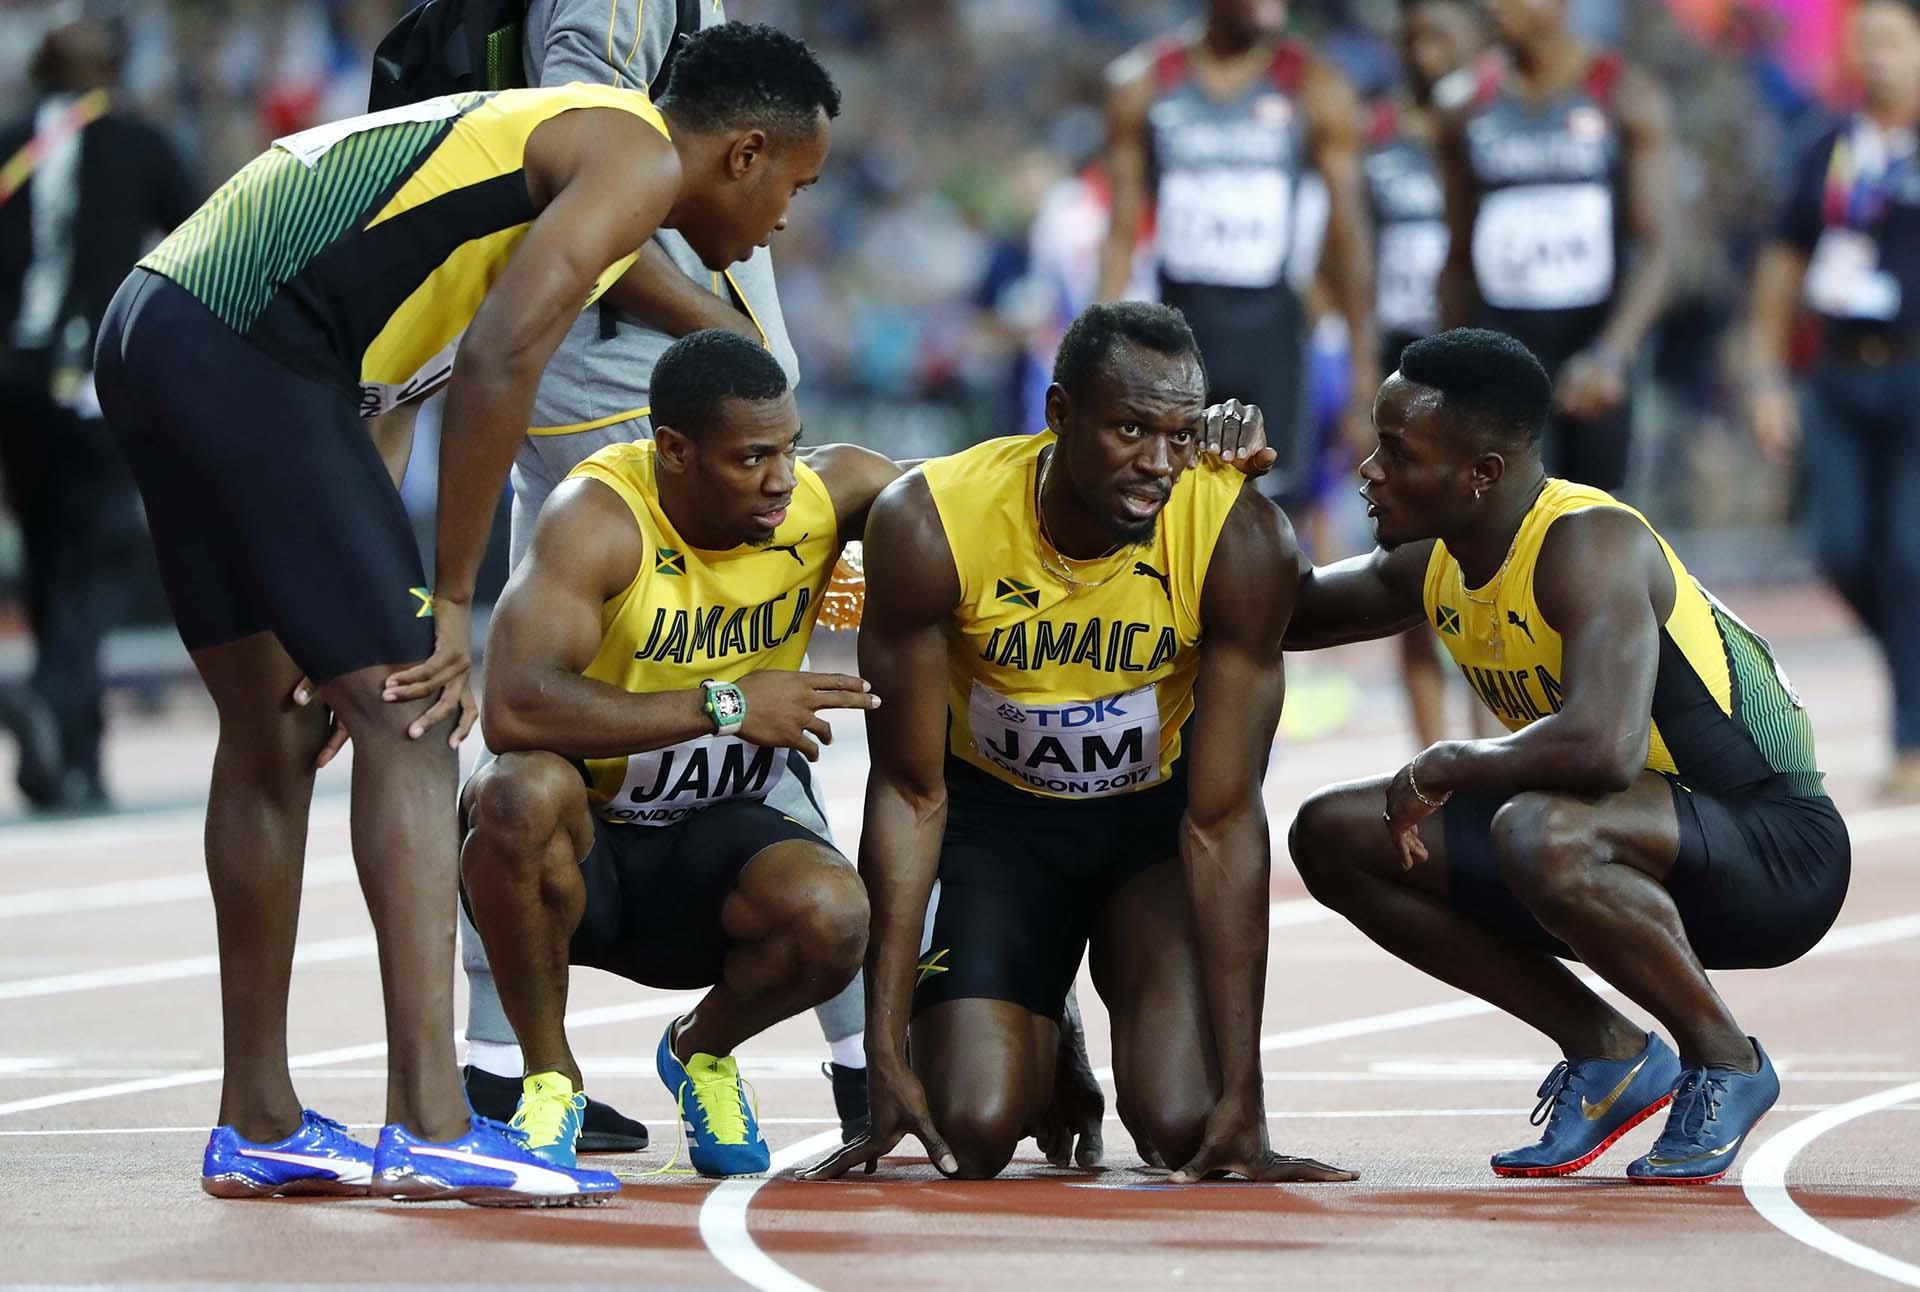 Bolt les explica a sus compañeros de equipo lo sucedido